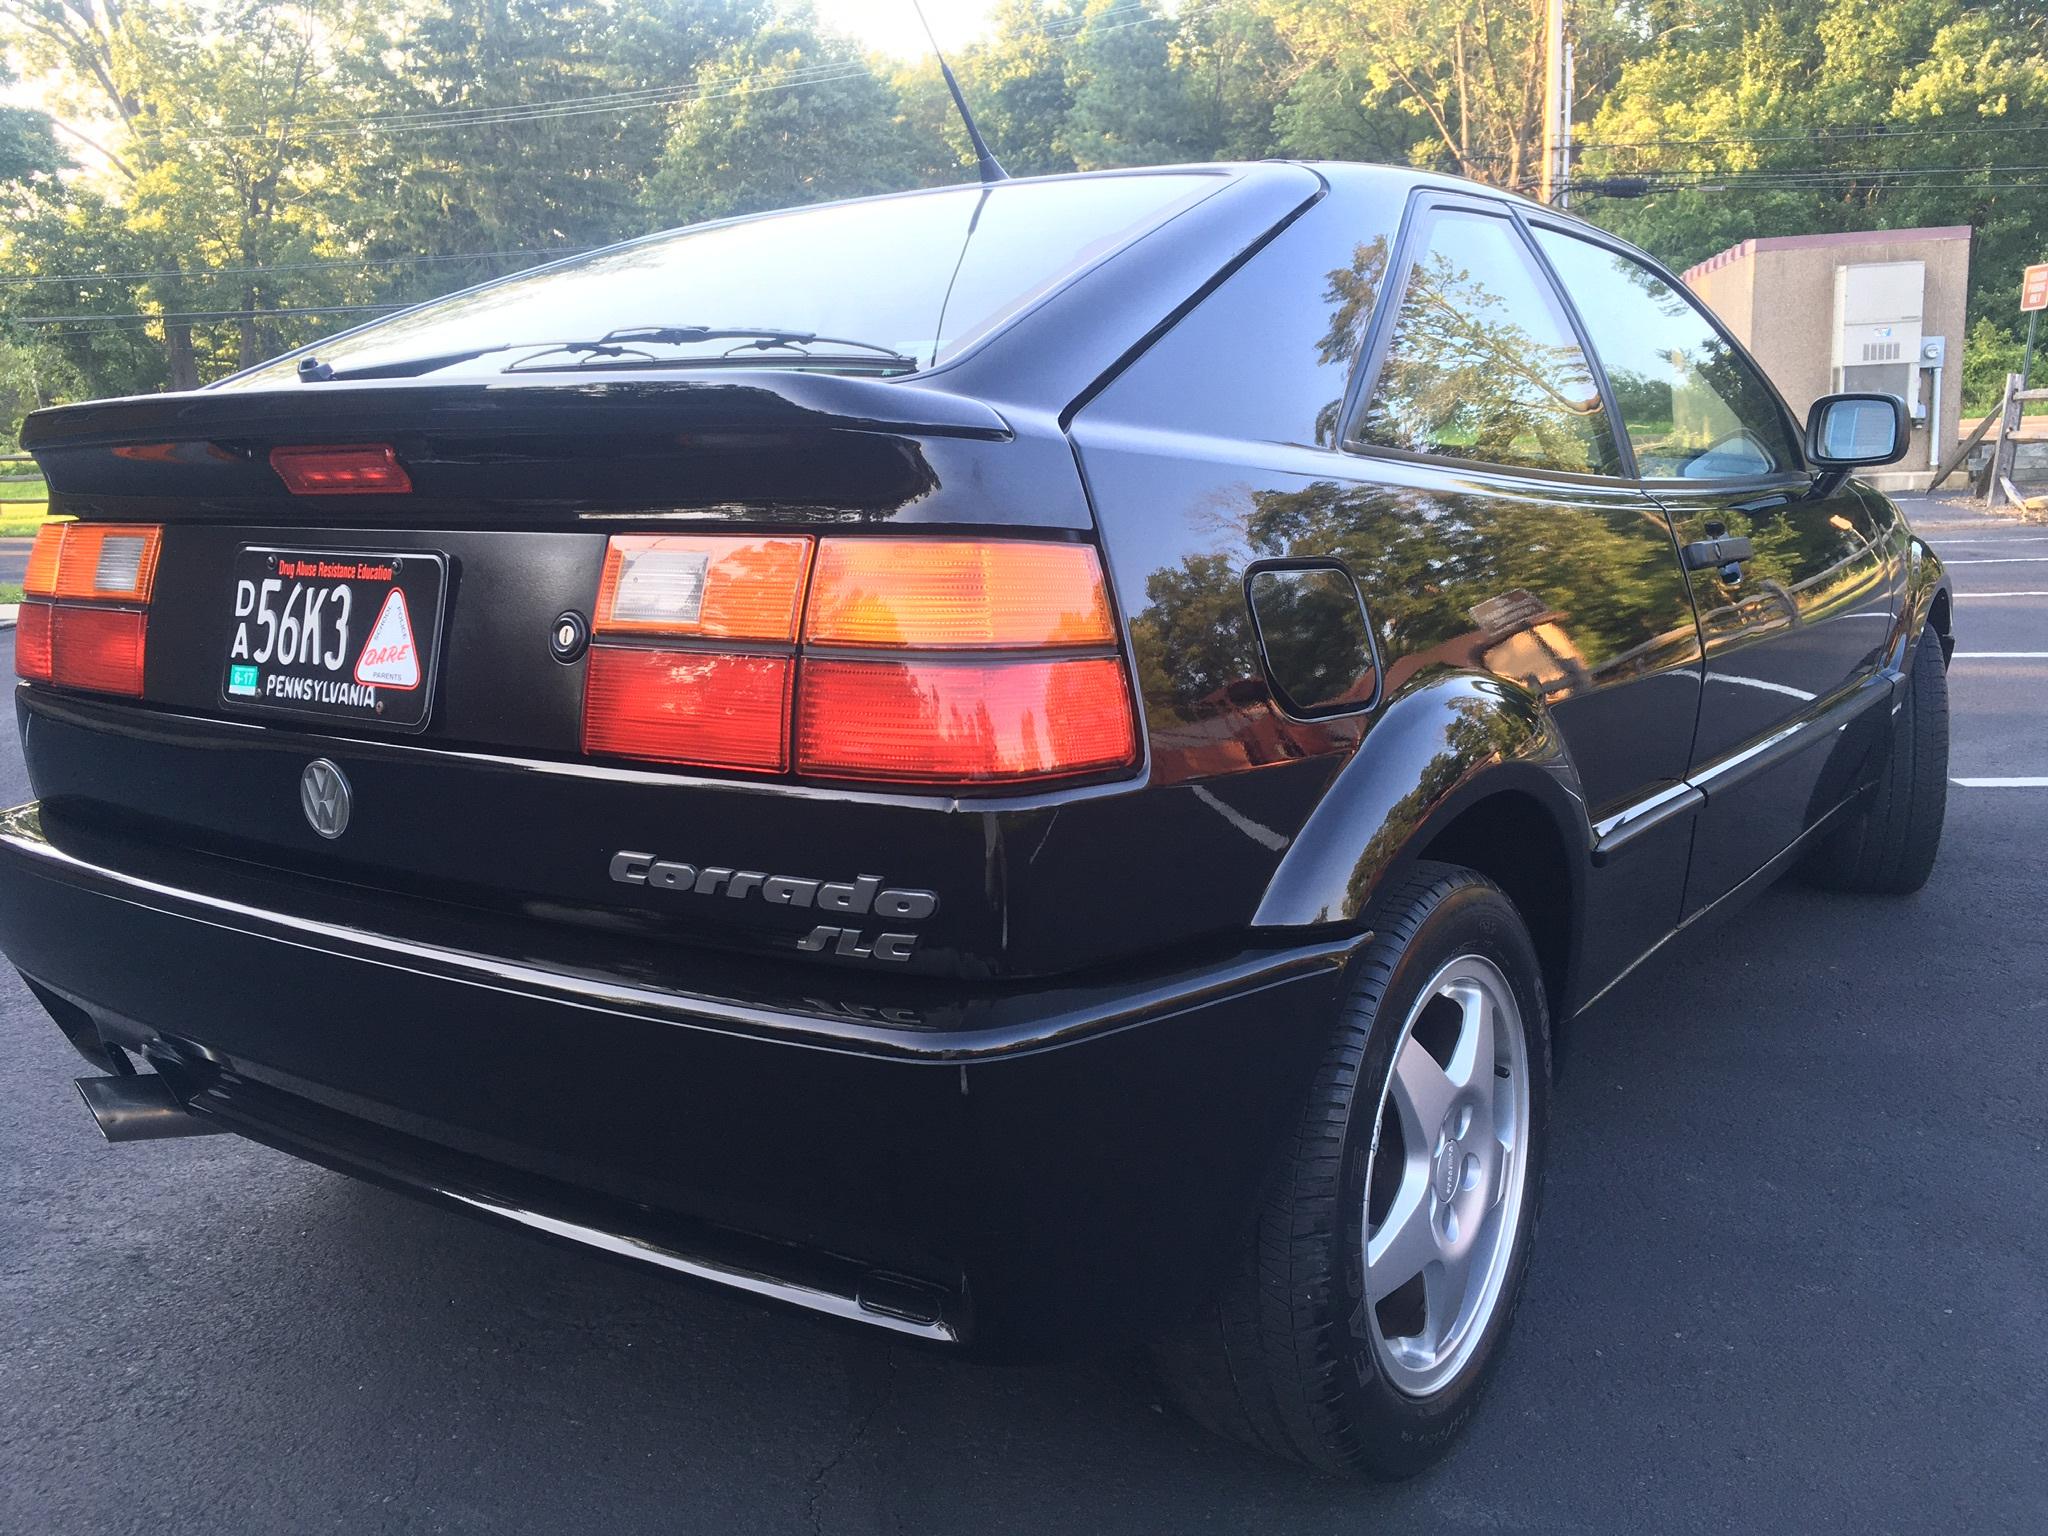 1994_volkswagen_corrado_vr6_159715170992710B51D58E9-FF42-4014-B6F1-68F858C8463B